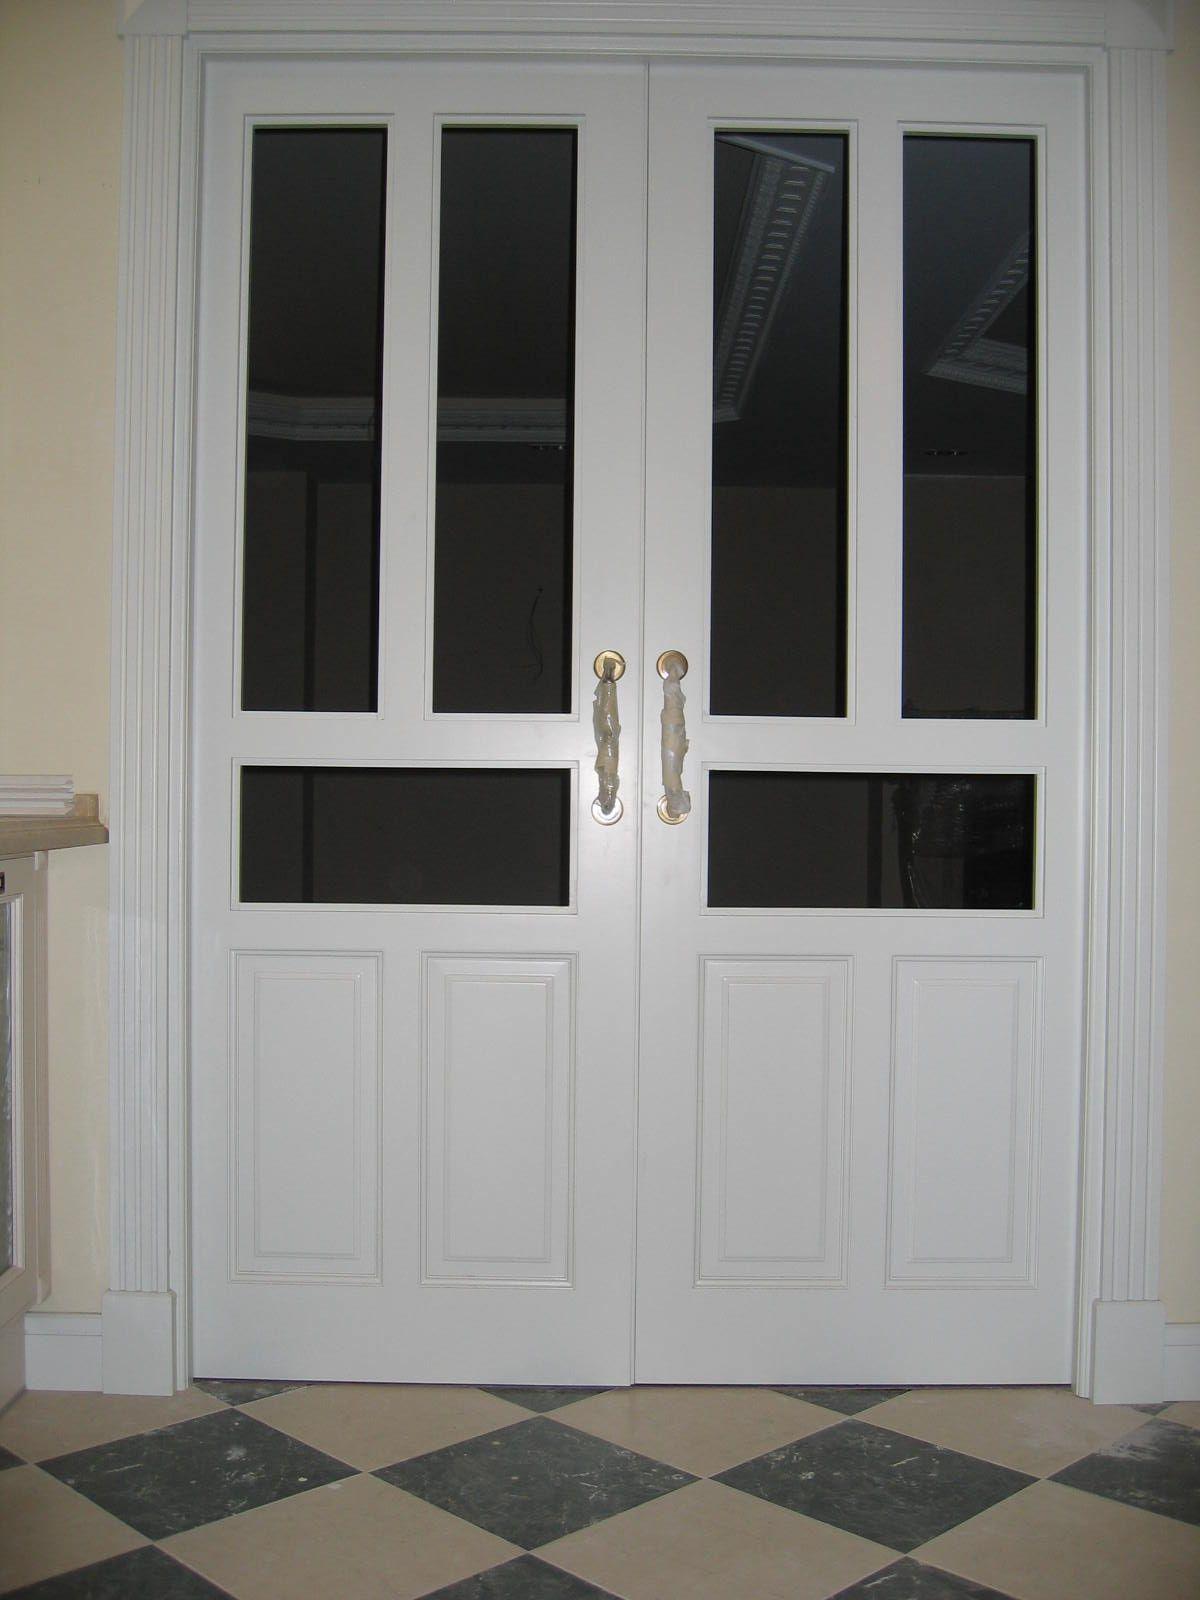 Puerta corredera para su hogar pinterest puertas - Correderas para puertas corredizas ...